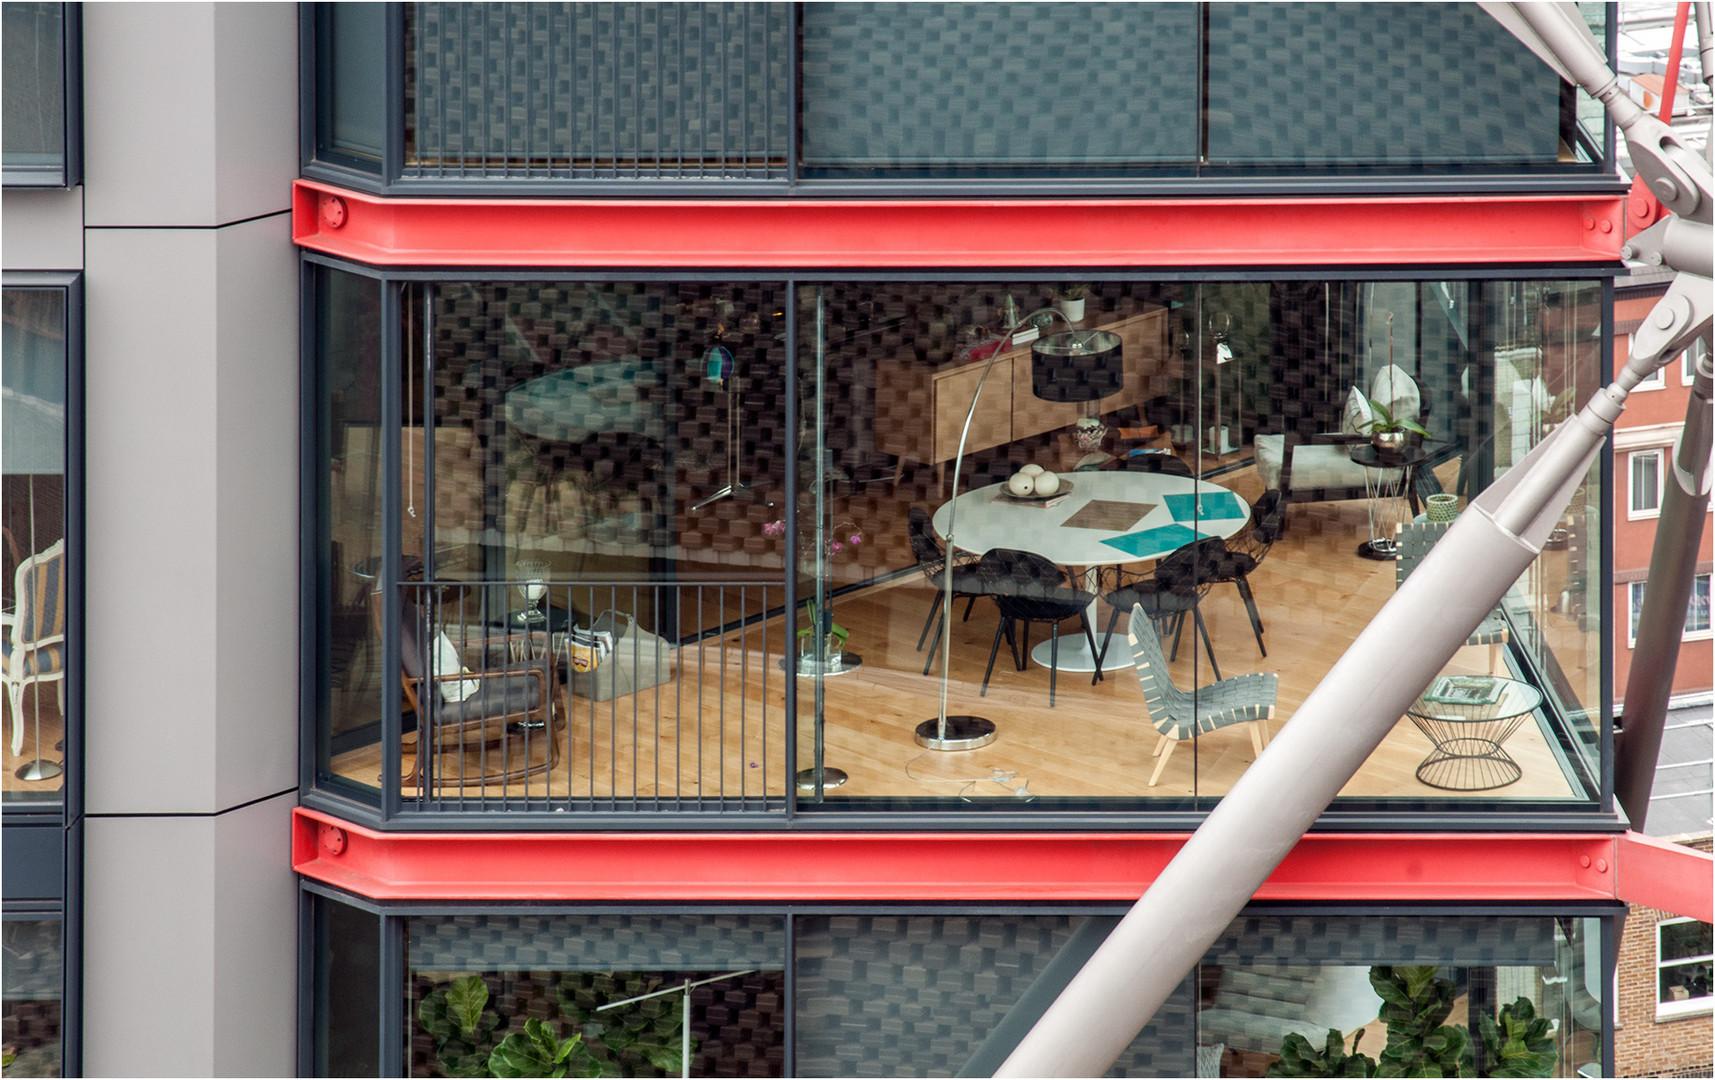 Wer Im Glashaus Sitzt wer im glashaus sitzt foto bild architektur